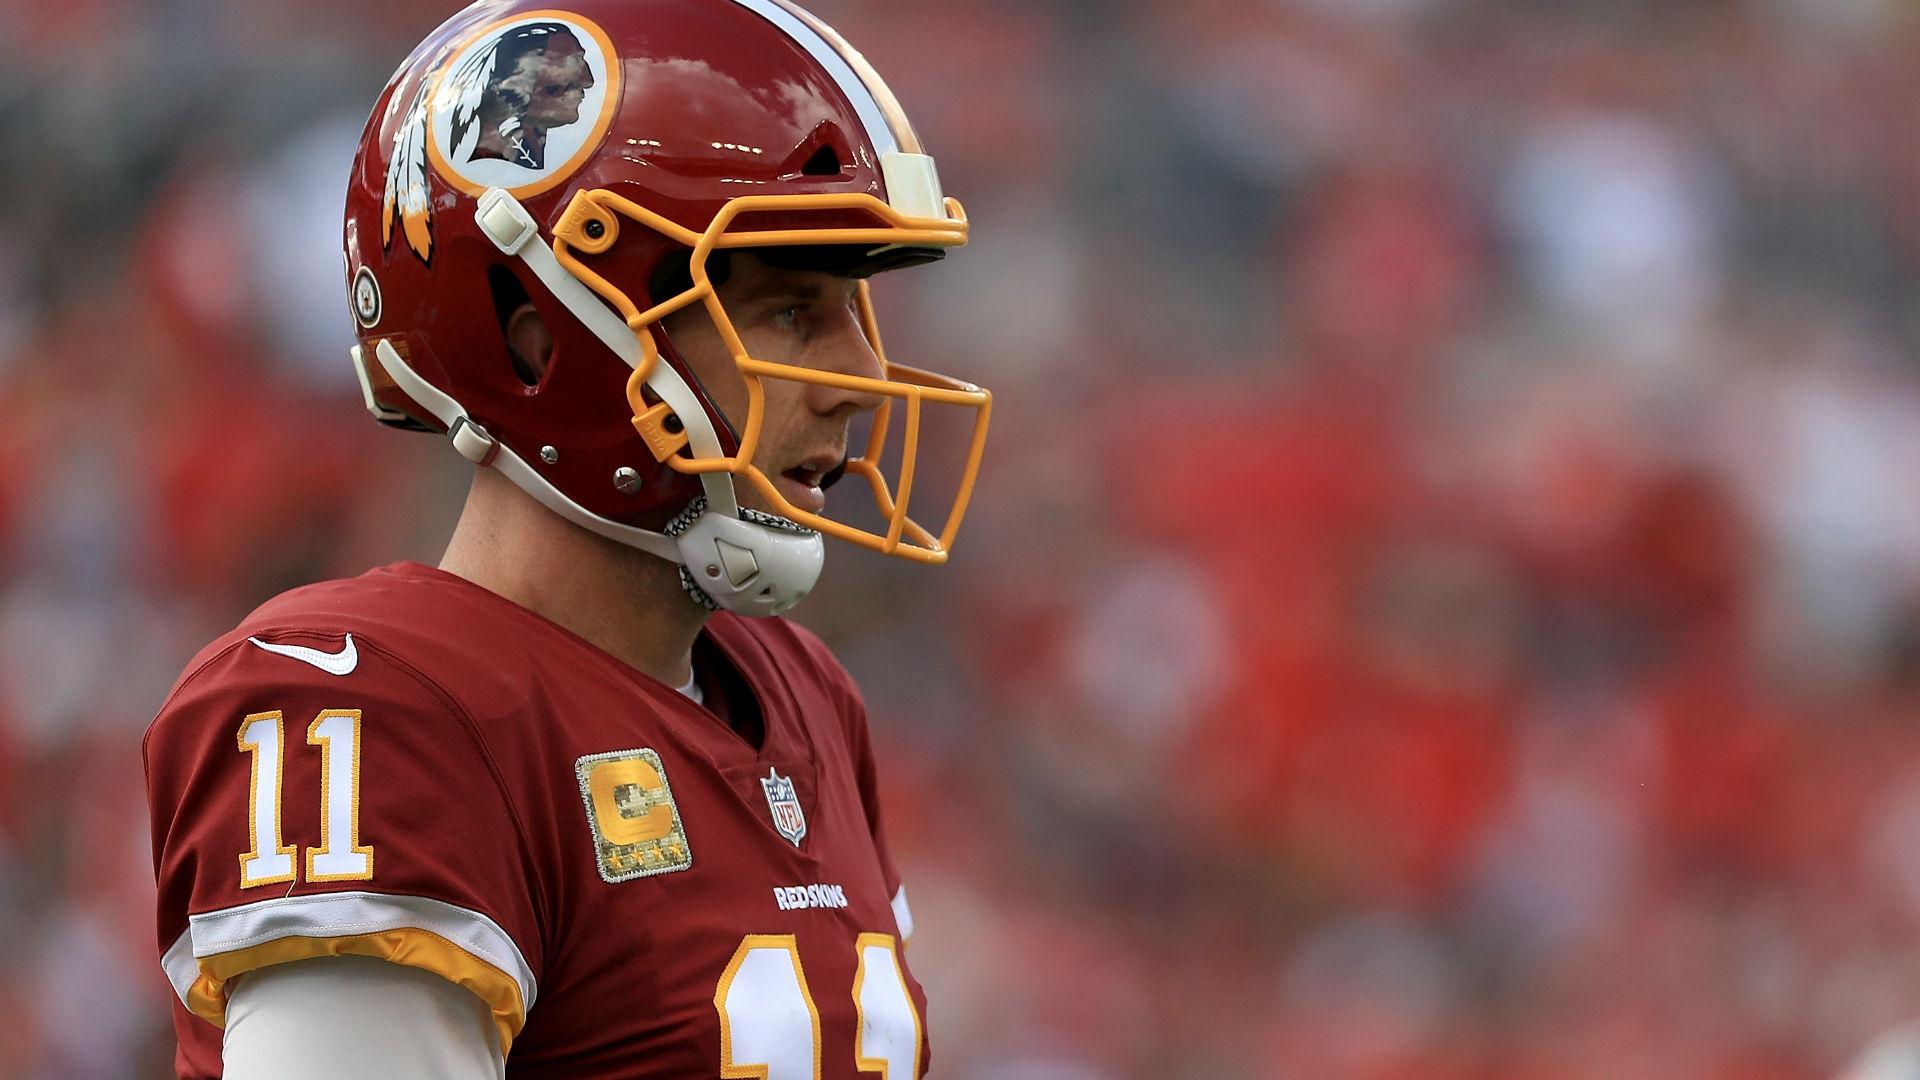 Alex Smith injury update: Redskins QB reveals he had 17 surgeries on broken leg